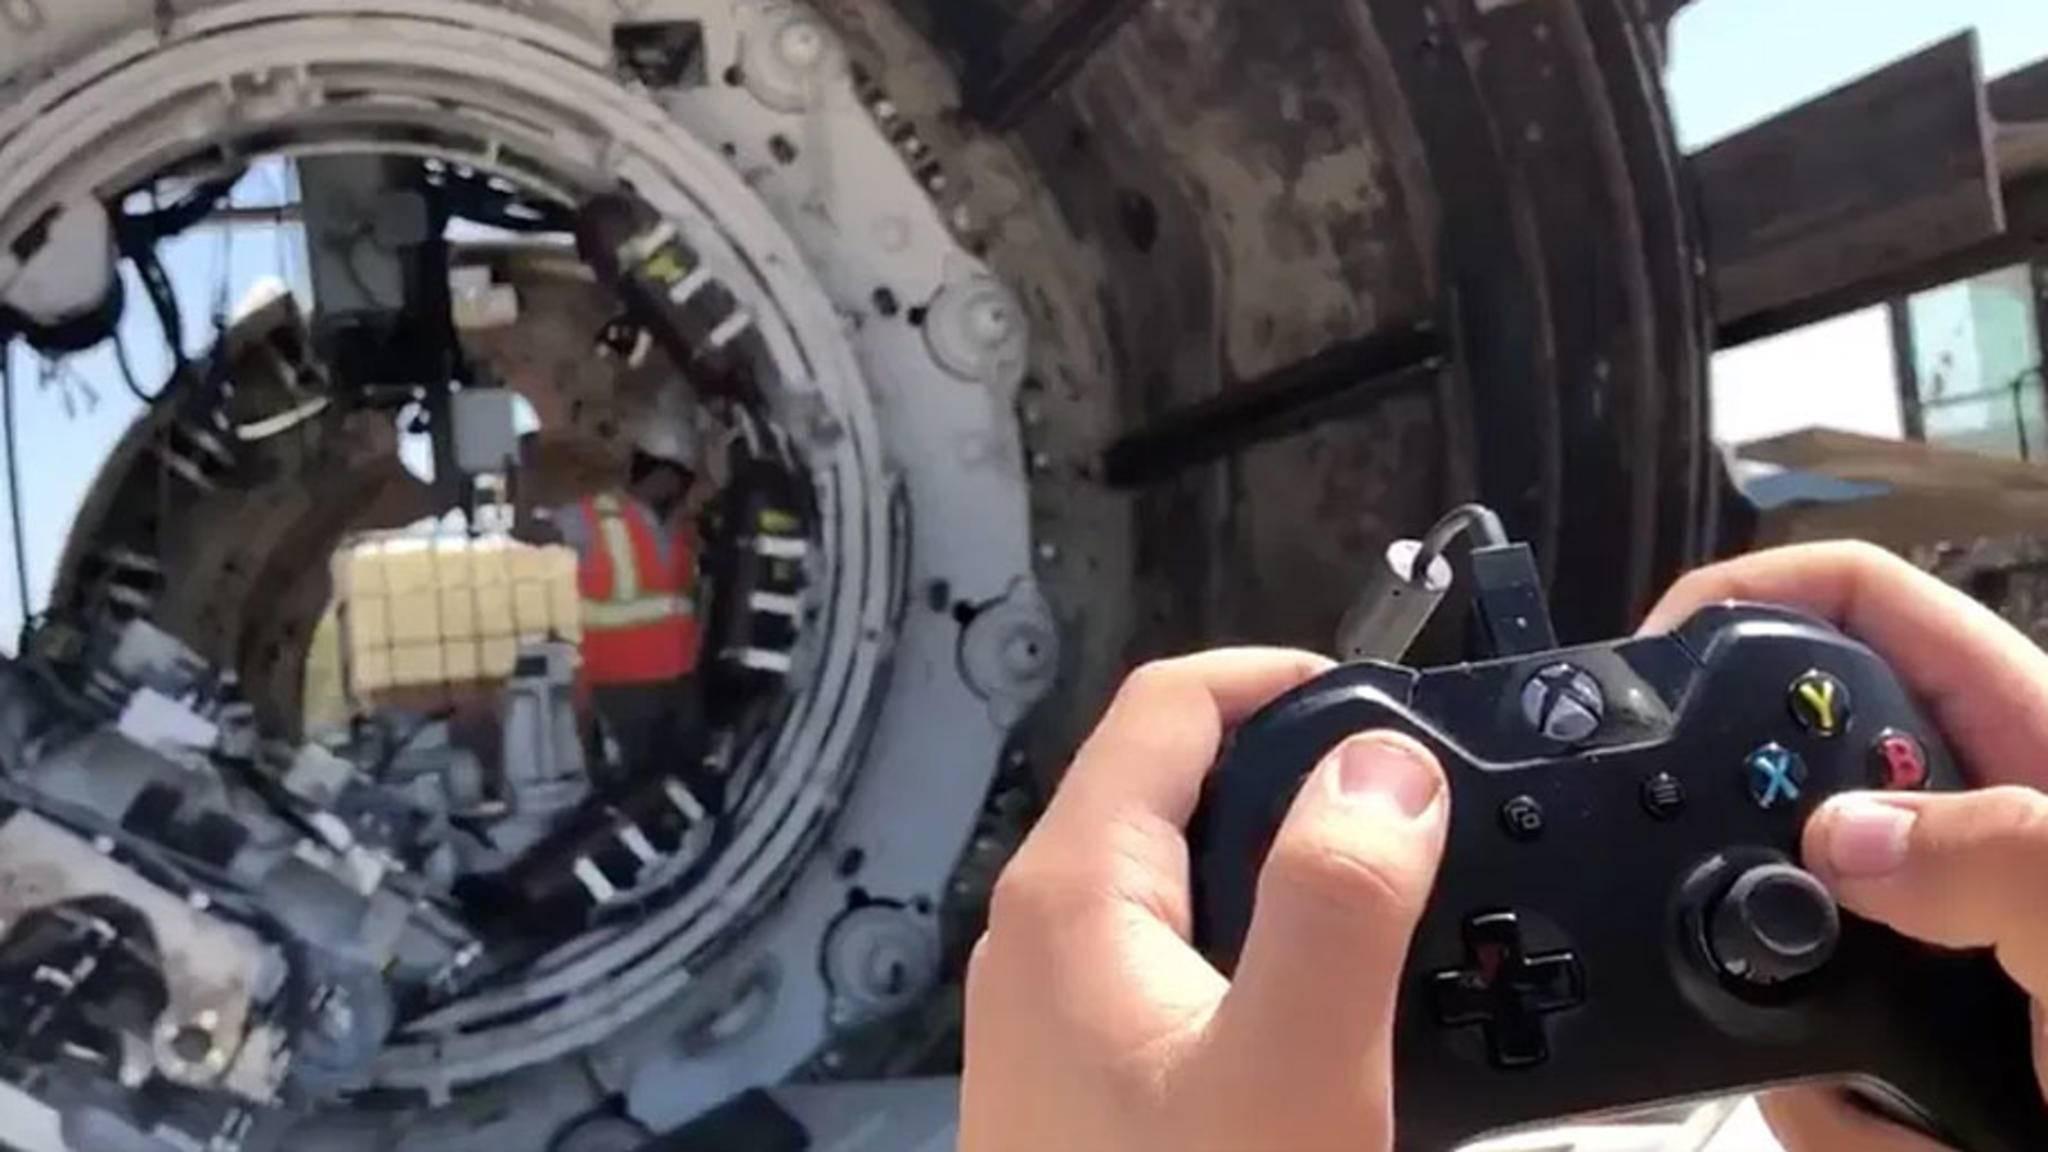 Irre! Ein Video auf Twitter zeigt, wie eine riesige Tunnelbohrmaschine mit einem Xbox-One-Controller gesteuert werden.